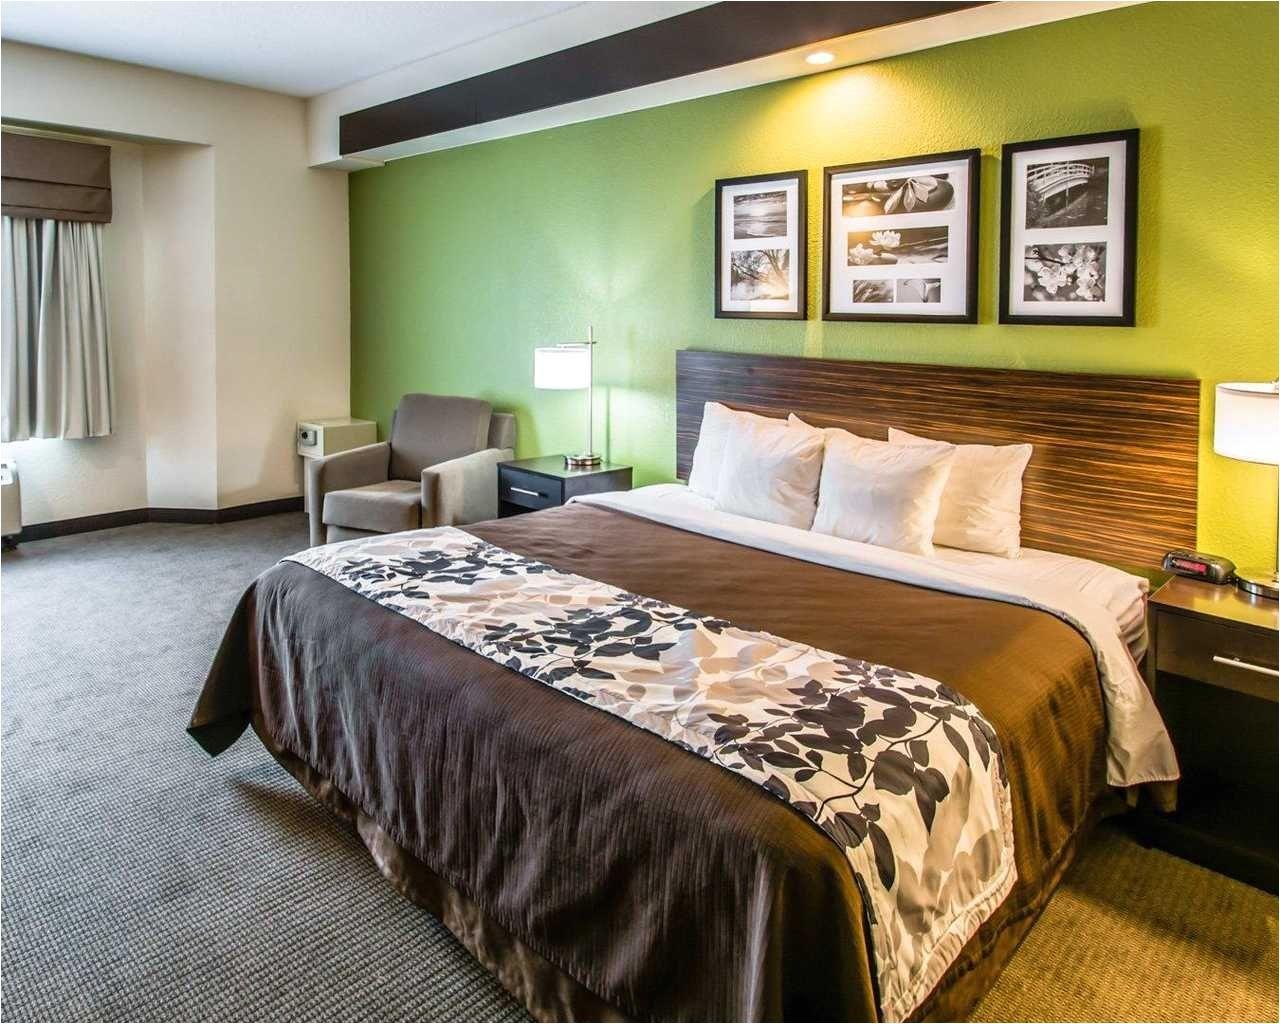 2 Bedroom Suites Near Disney World Florida Bedroom suite